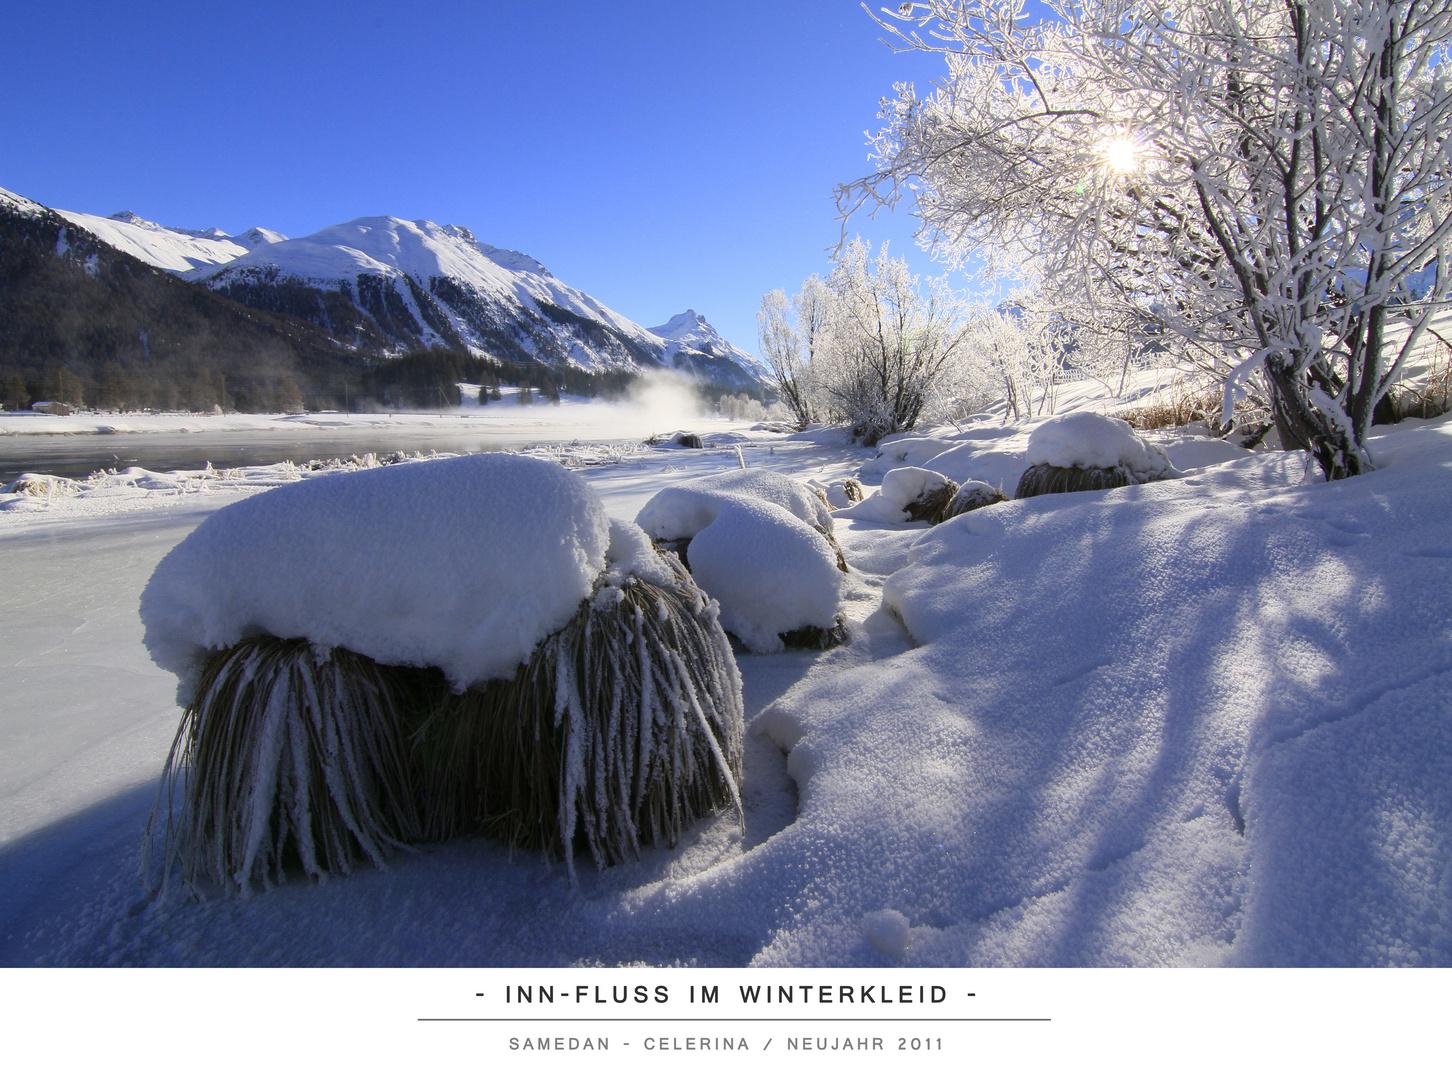 Inn-Fluss im Winterkleid II